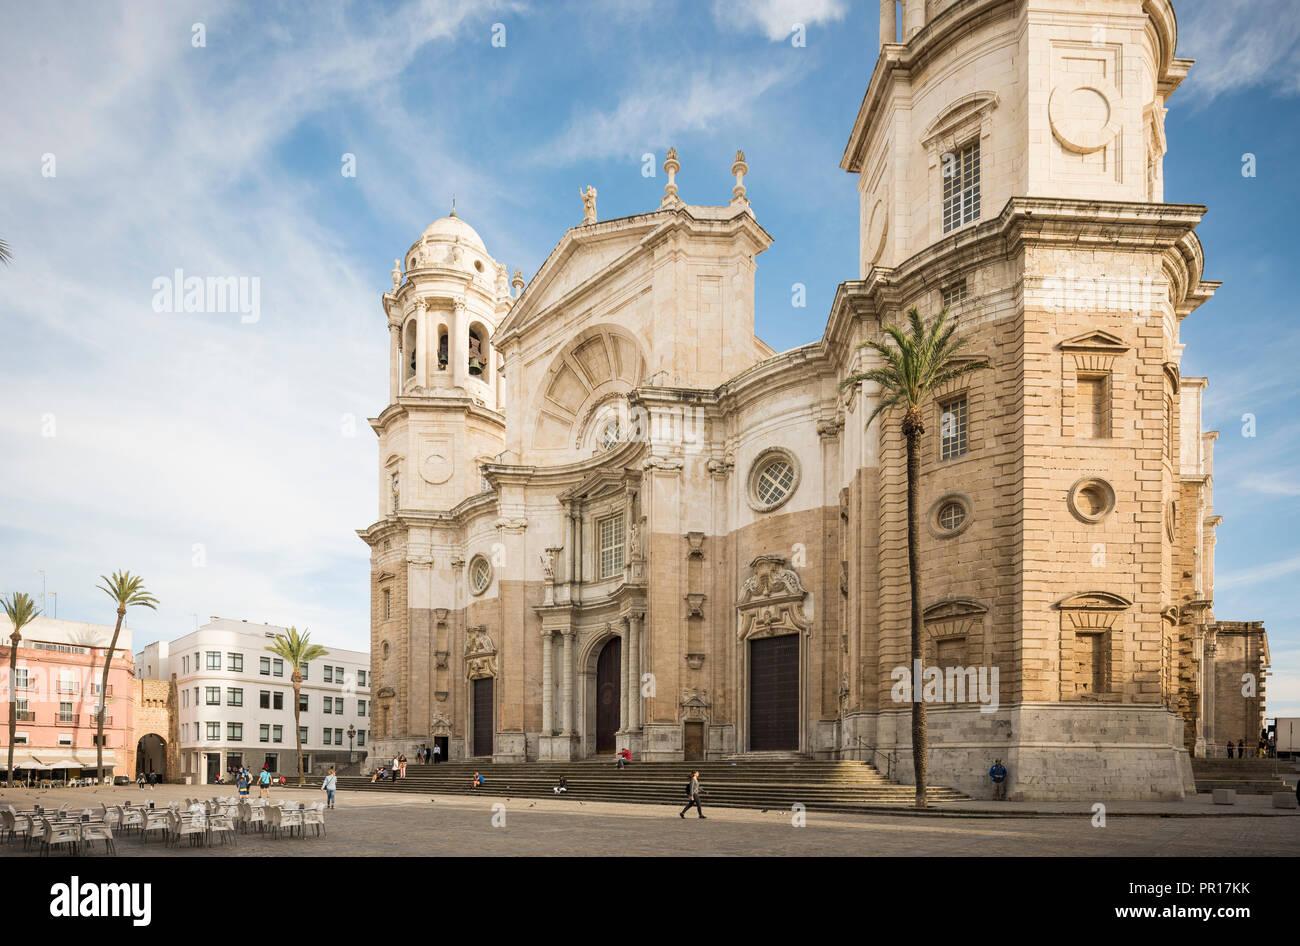 Esterno della Cattedrale, Cadice, Andalusia, Spagna, Europa Immagini Stock